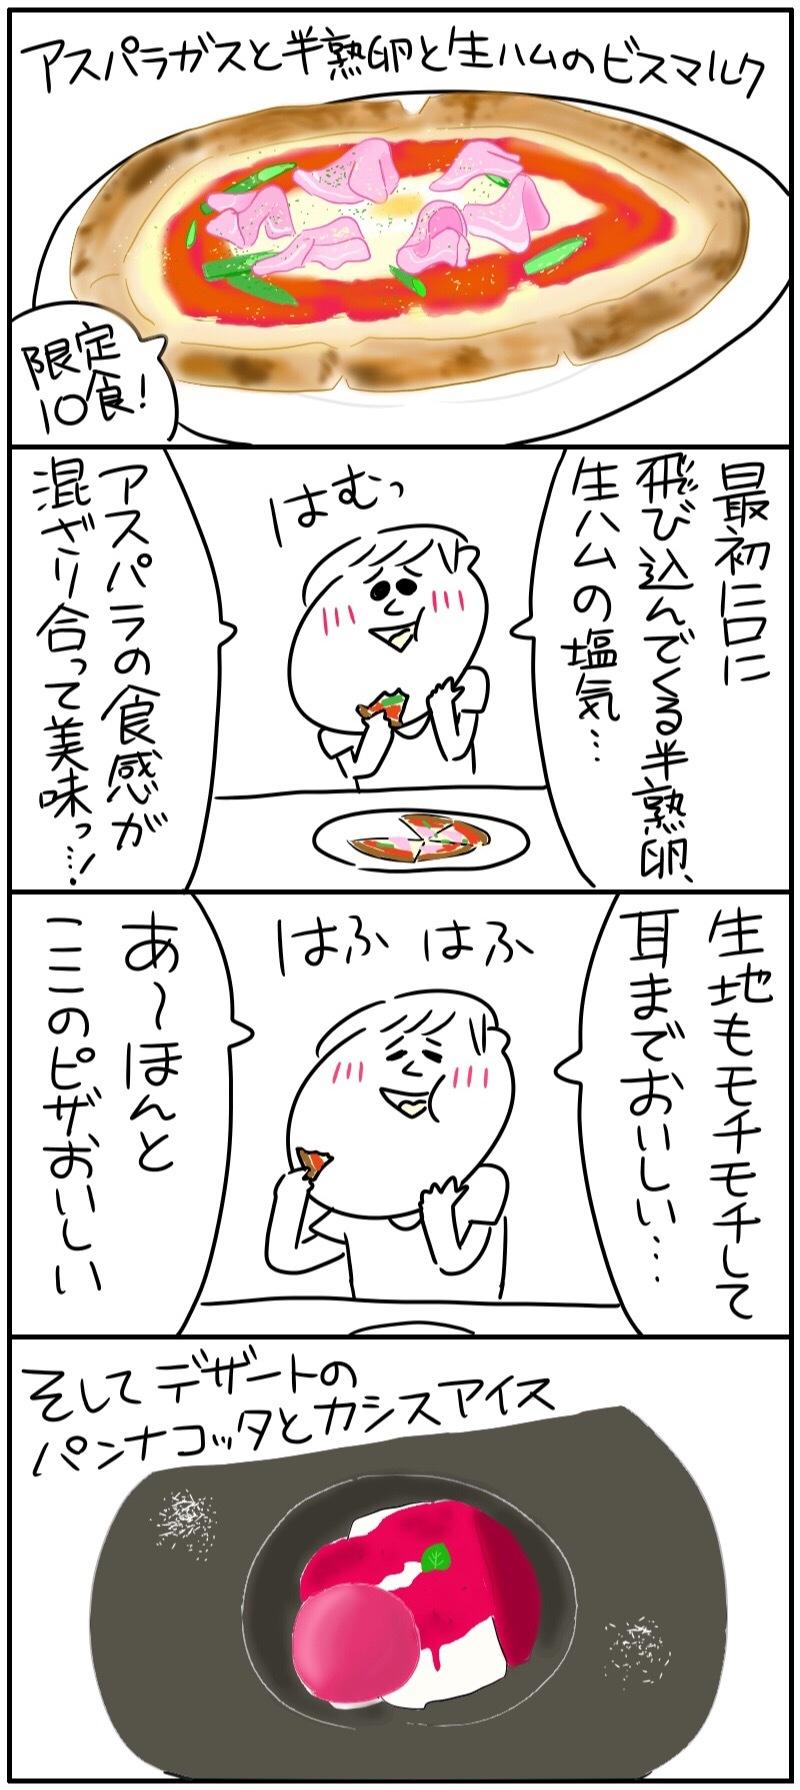 ほしみの飯道楽〜トラットリア ノラ・クチーナ〜_f0346353_20140203.jpg